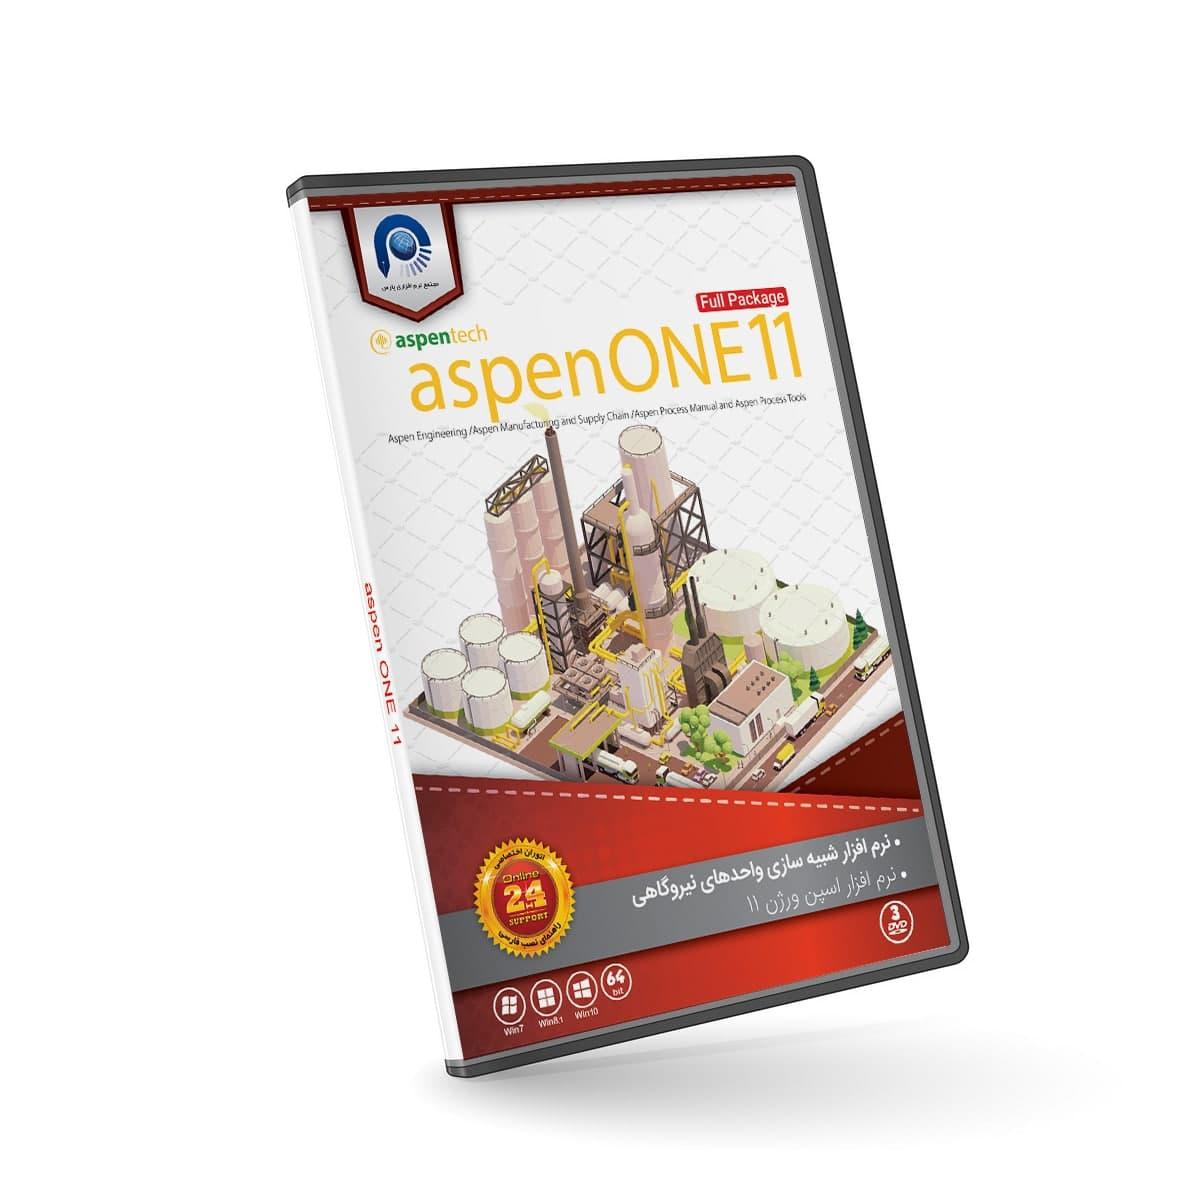 نرم افزار aspenONE 11  نشر مجتمع نرم افزاری پارس